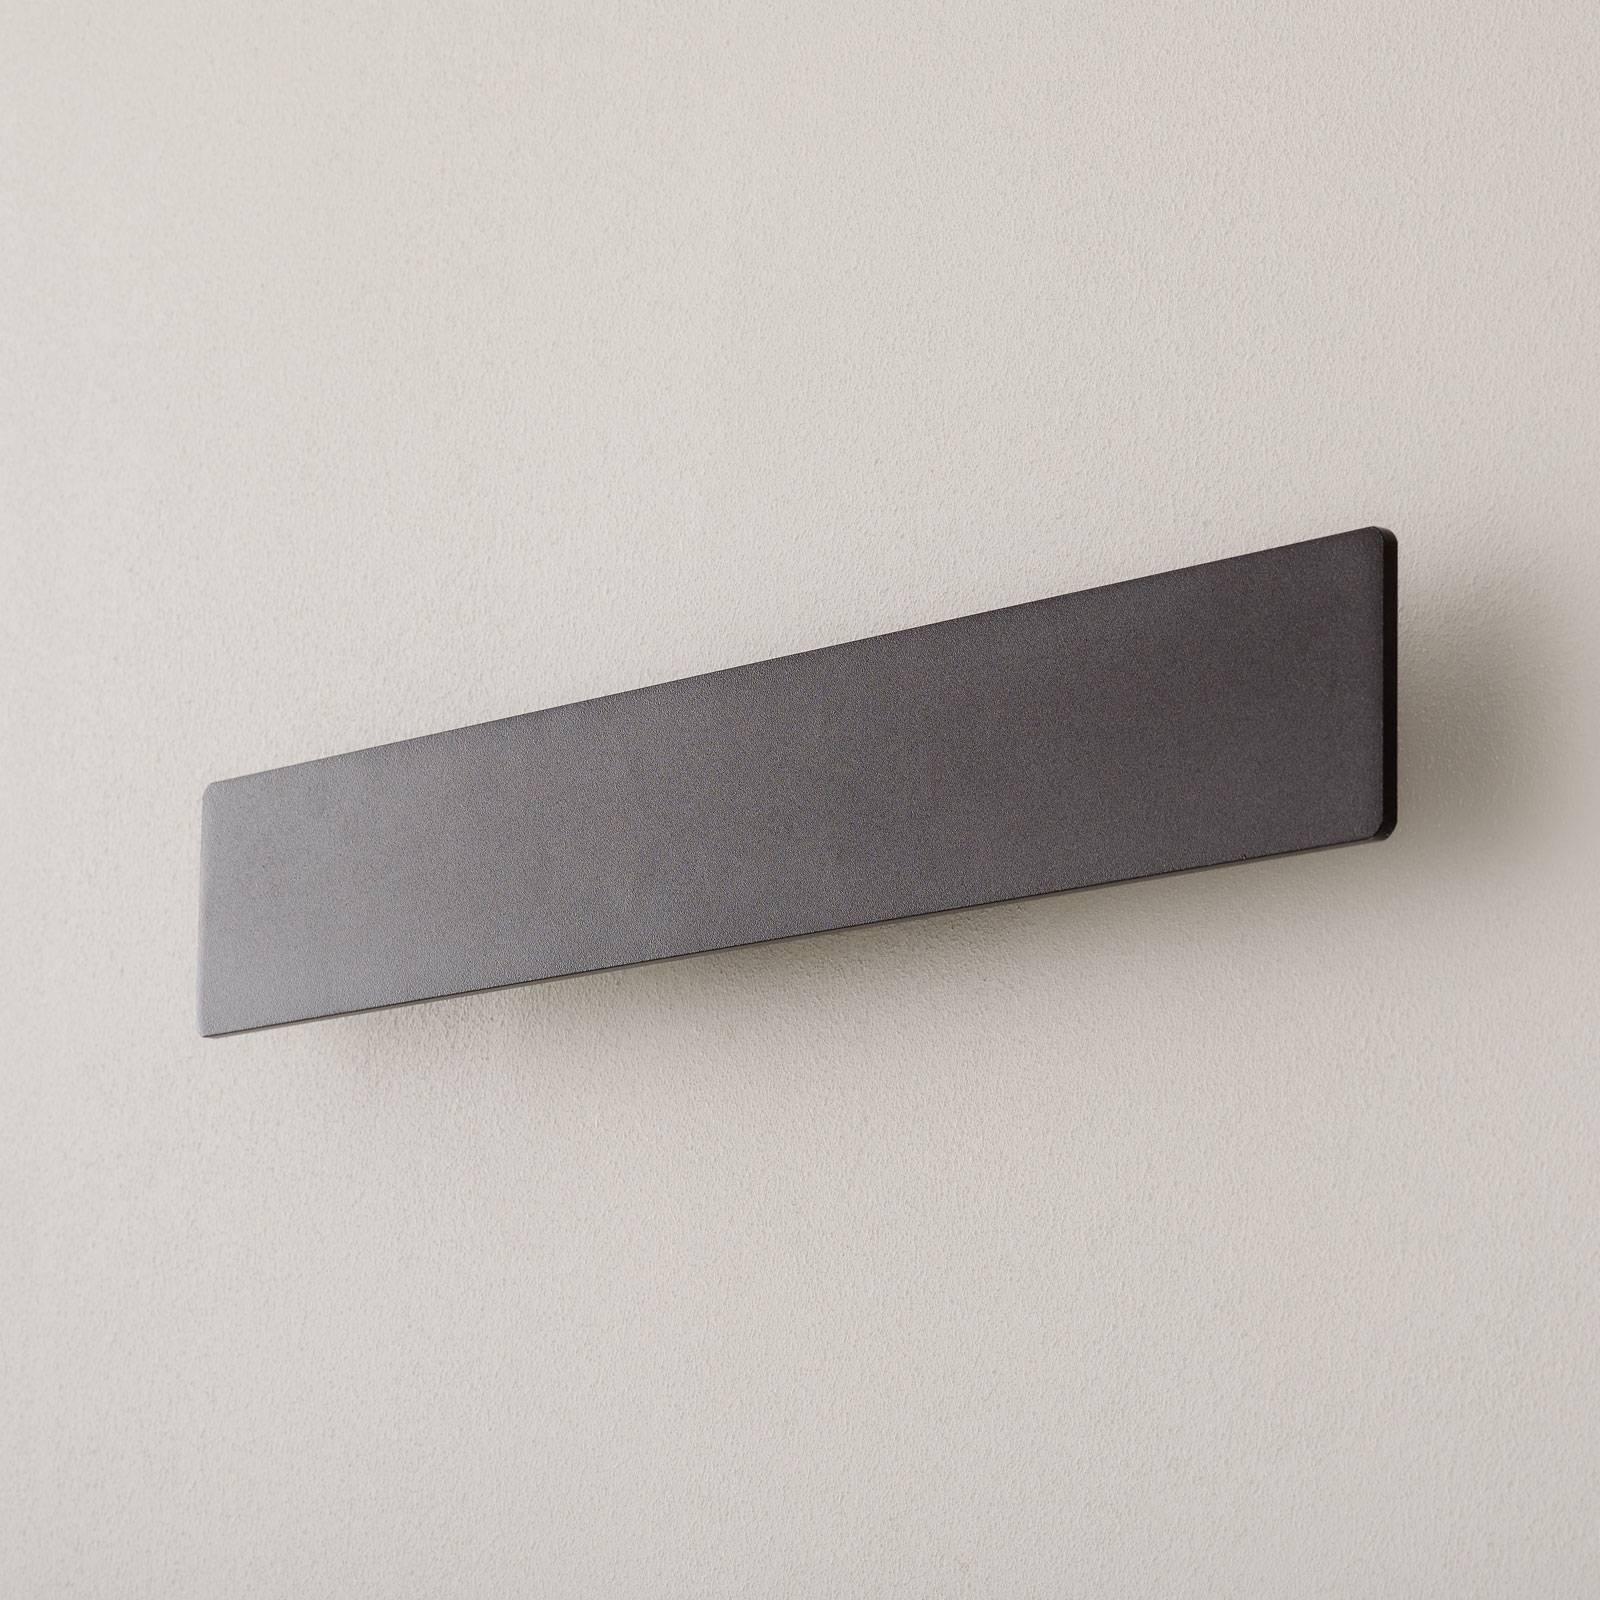 LED-vegglampe Zig Zag svart, bredde 53 cm